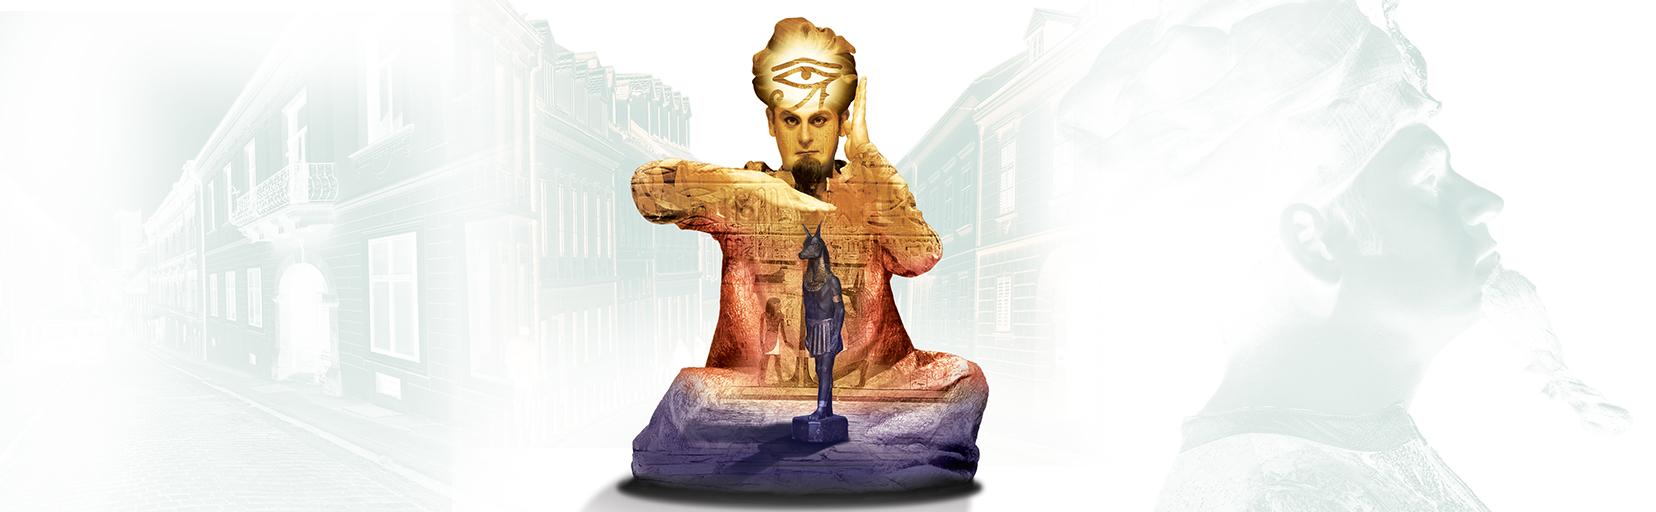 Faraon iz Ilice je mrtav